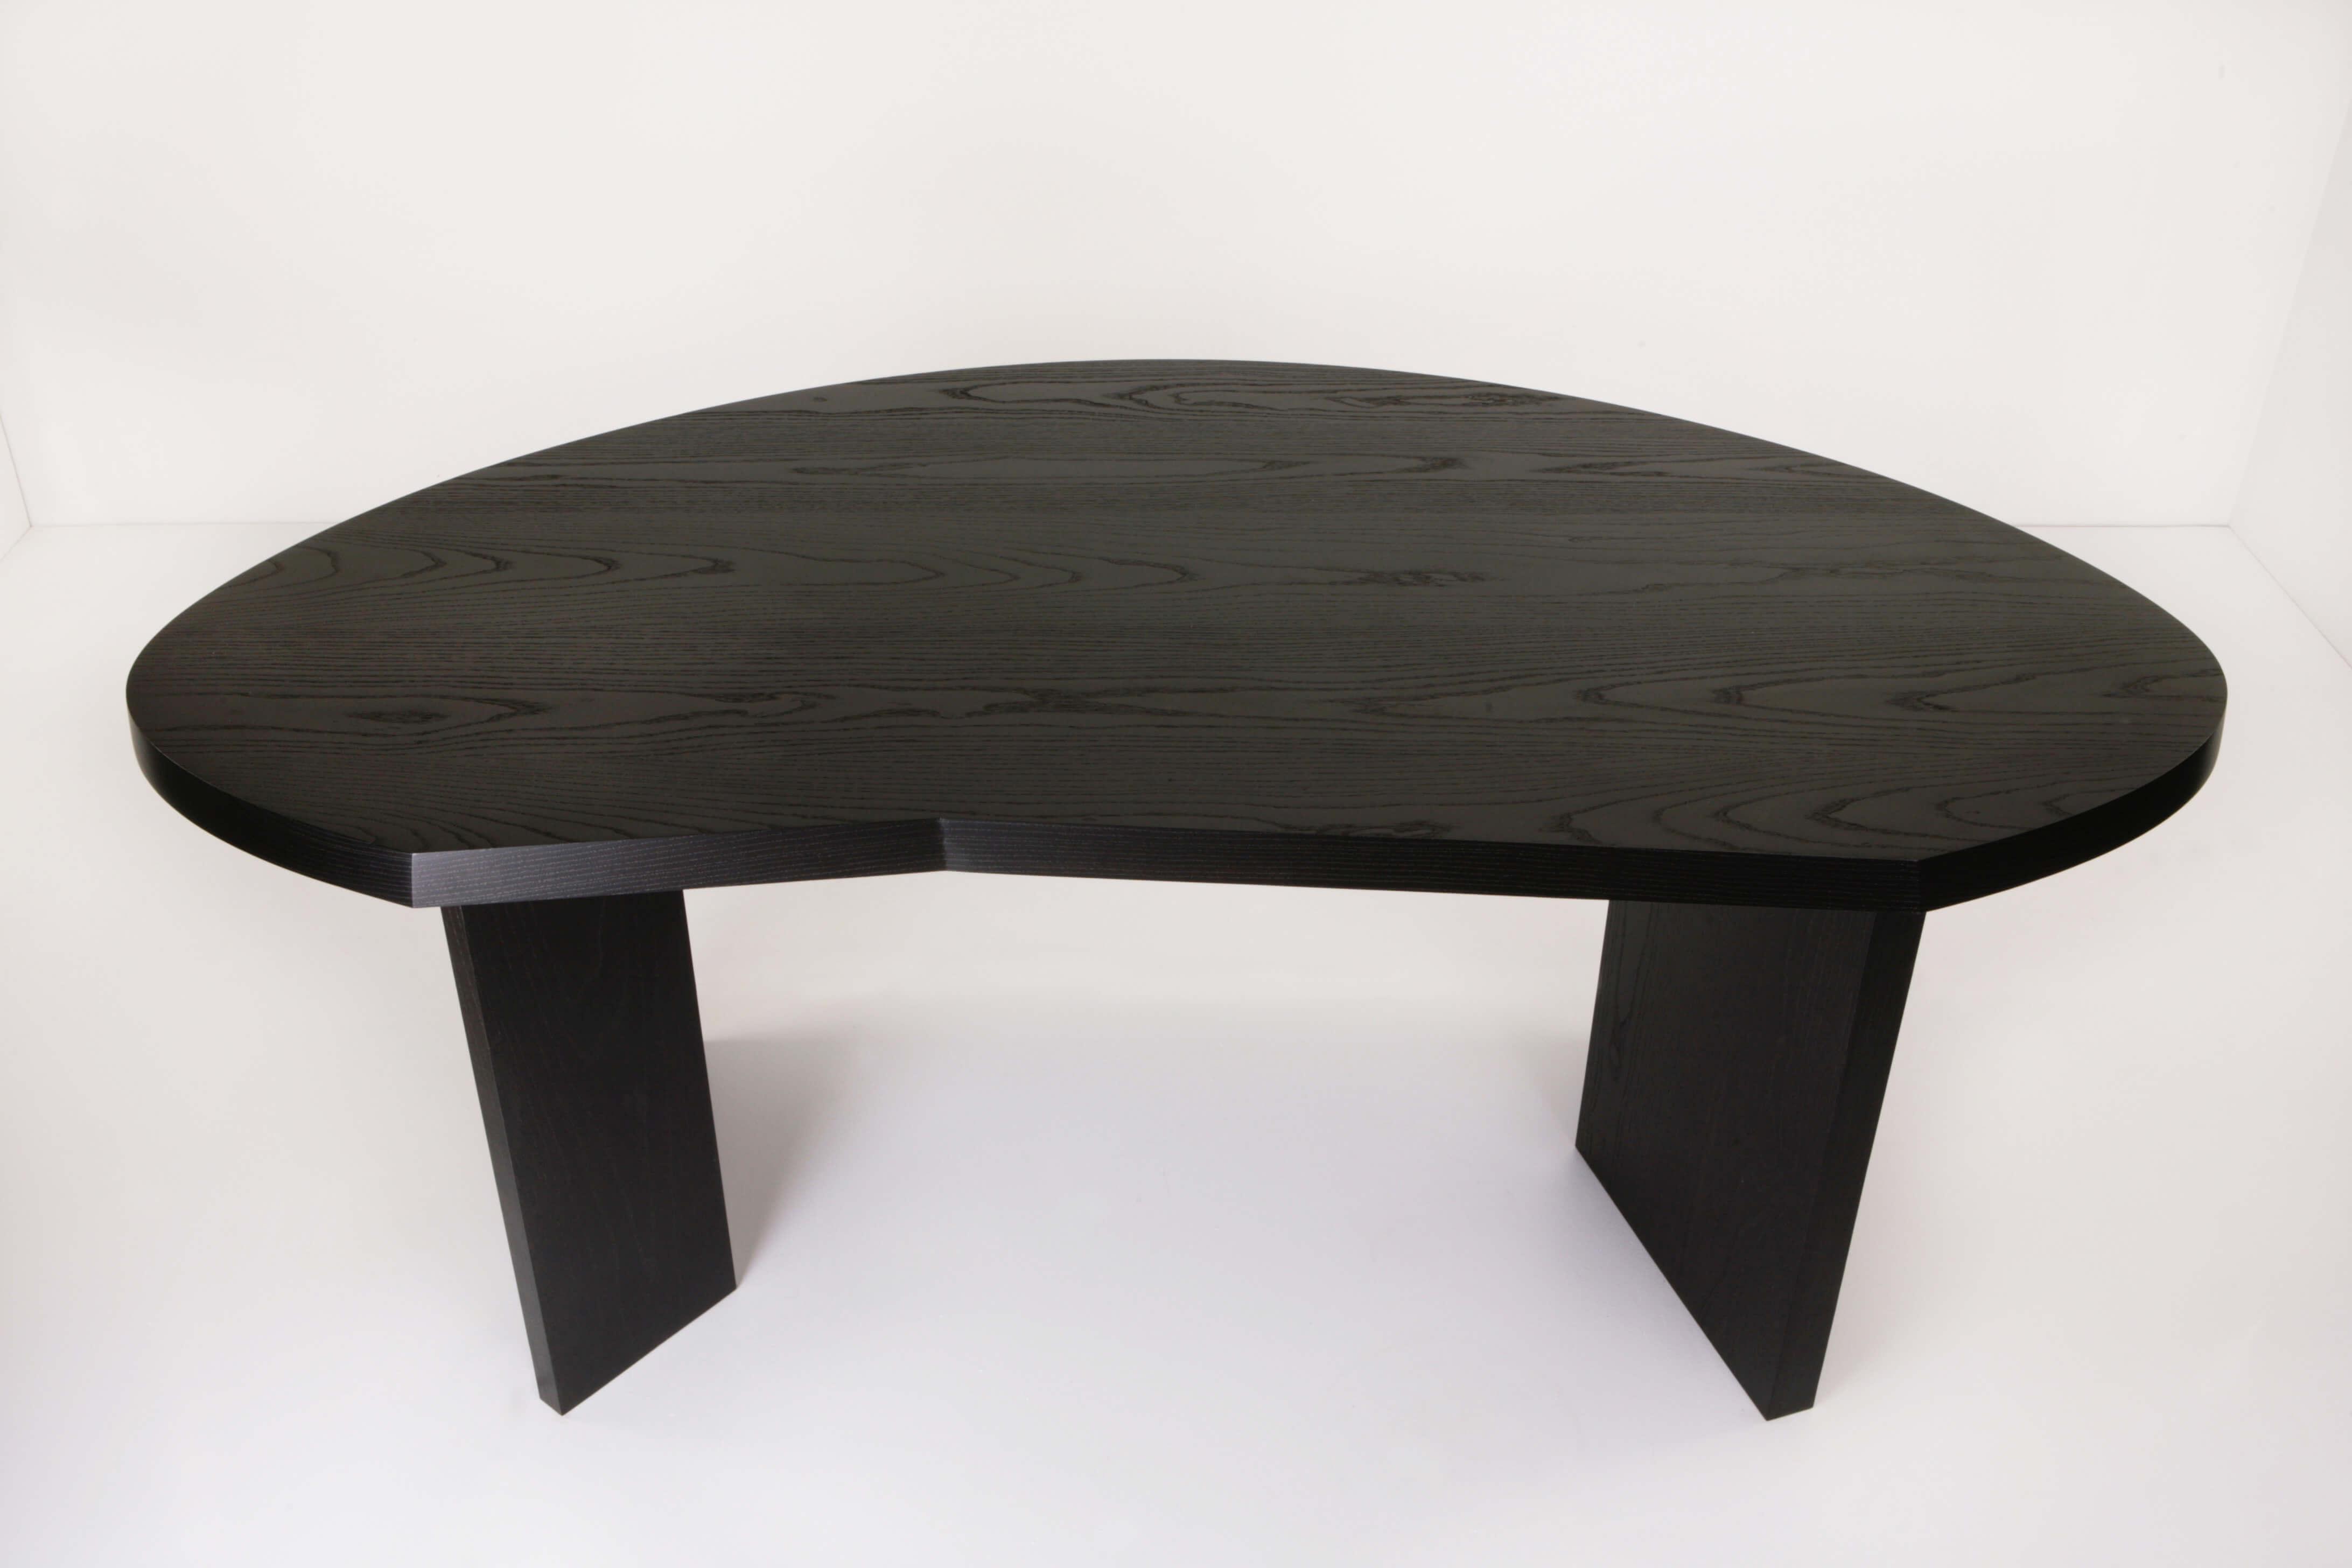 Atelier de Troupe - Chene Table